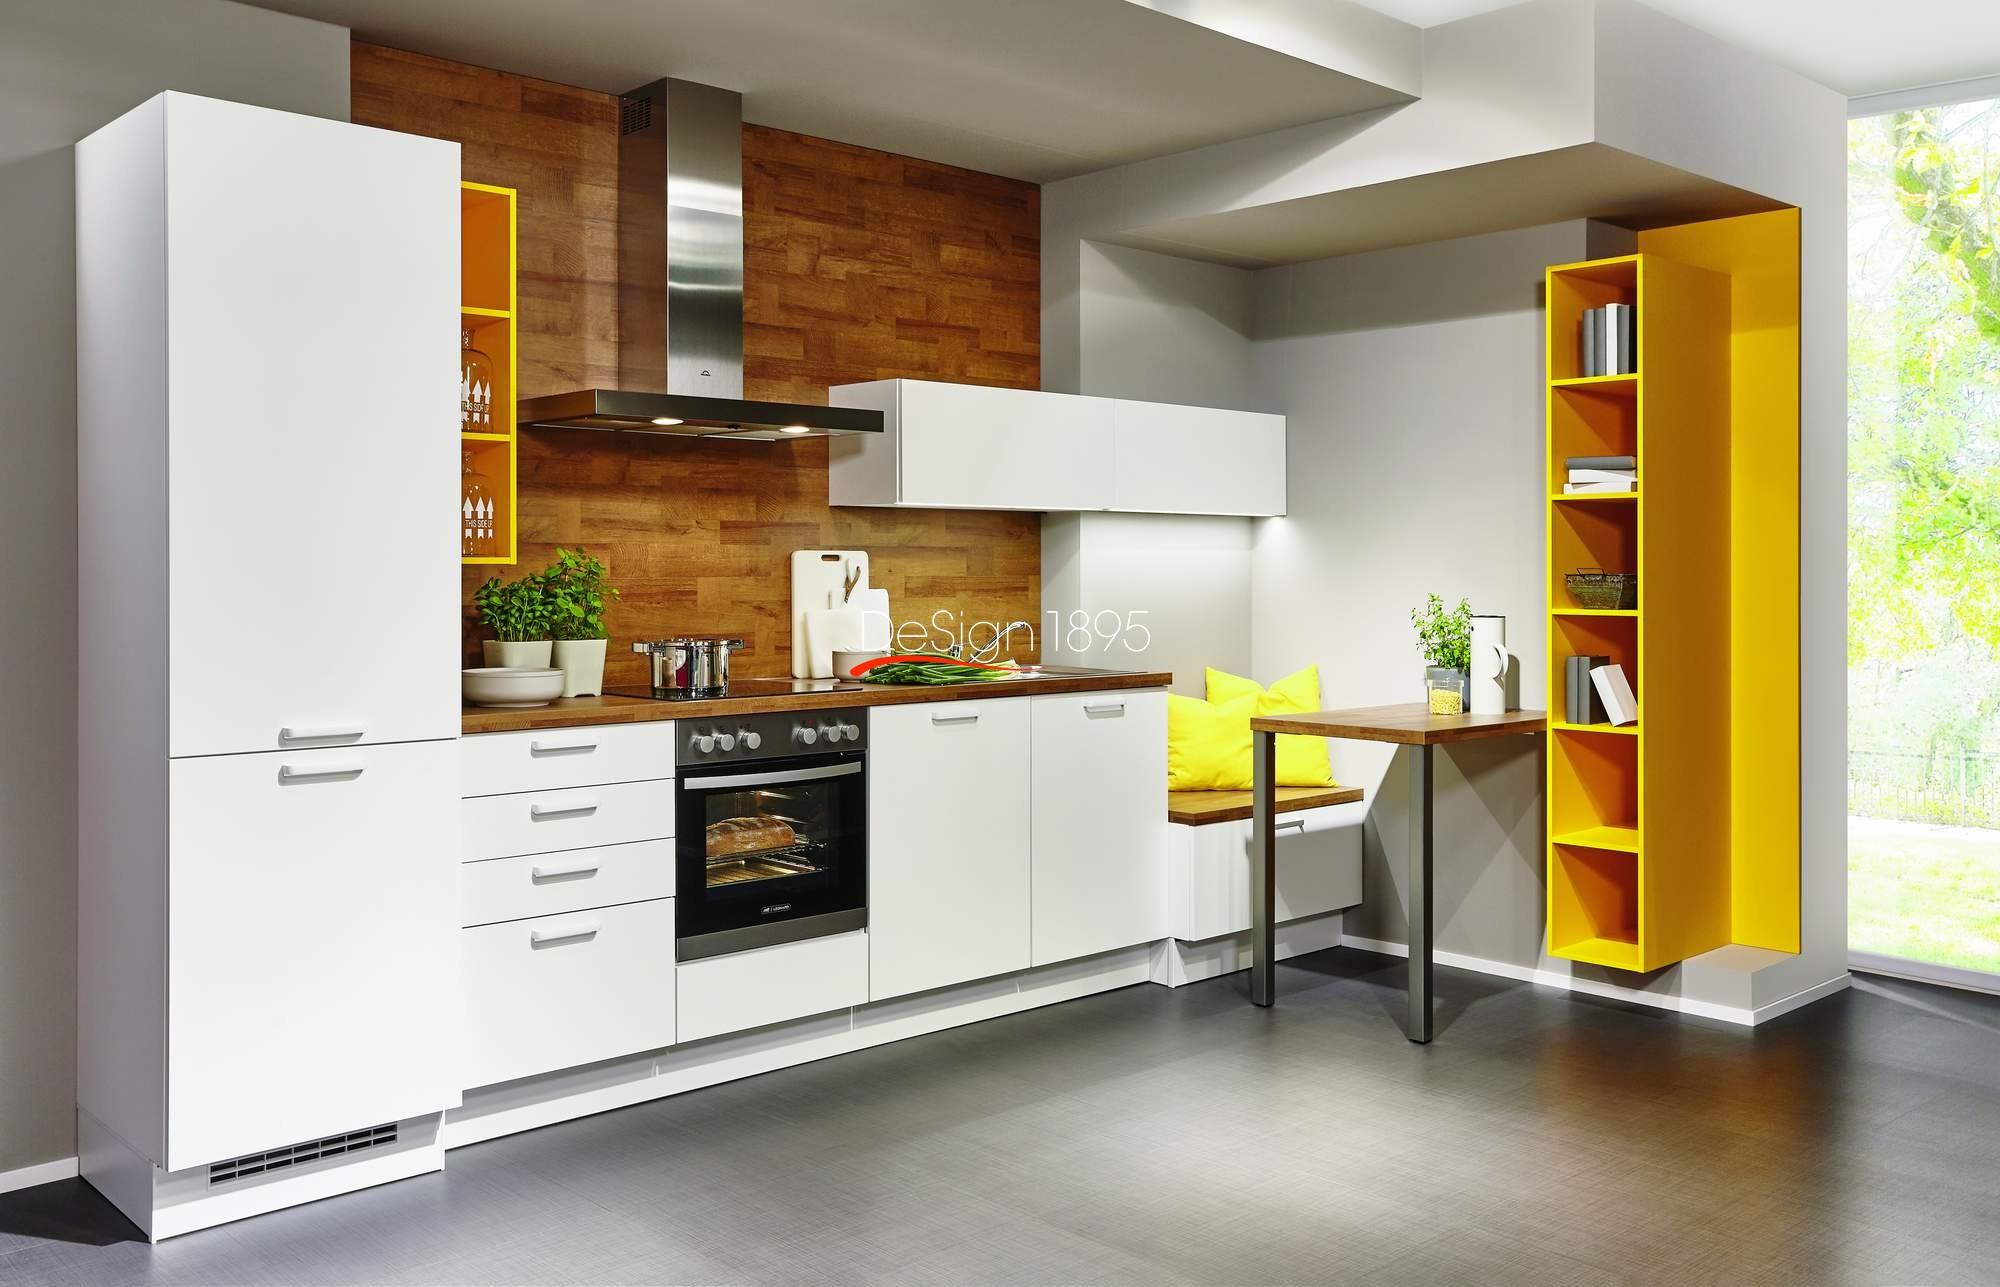 Cucine Magri Arreda - Idee Per La Casa - Syafir.com